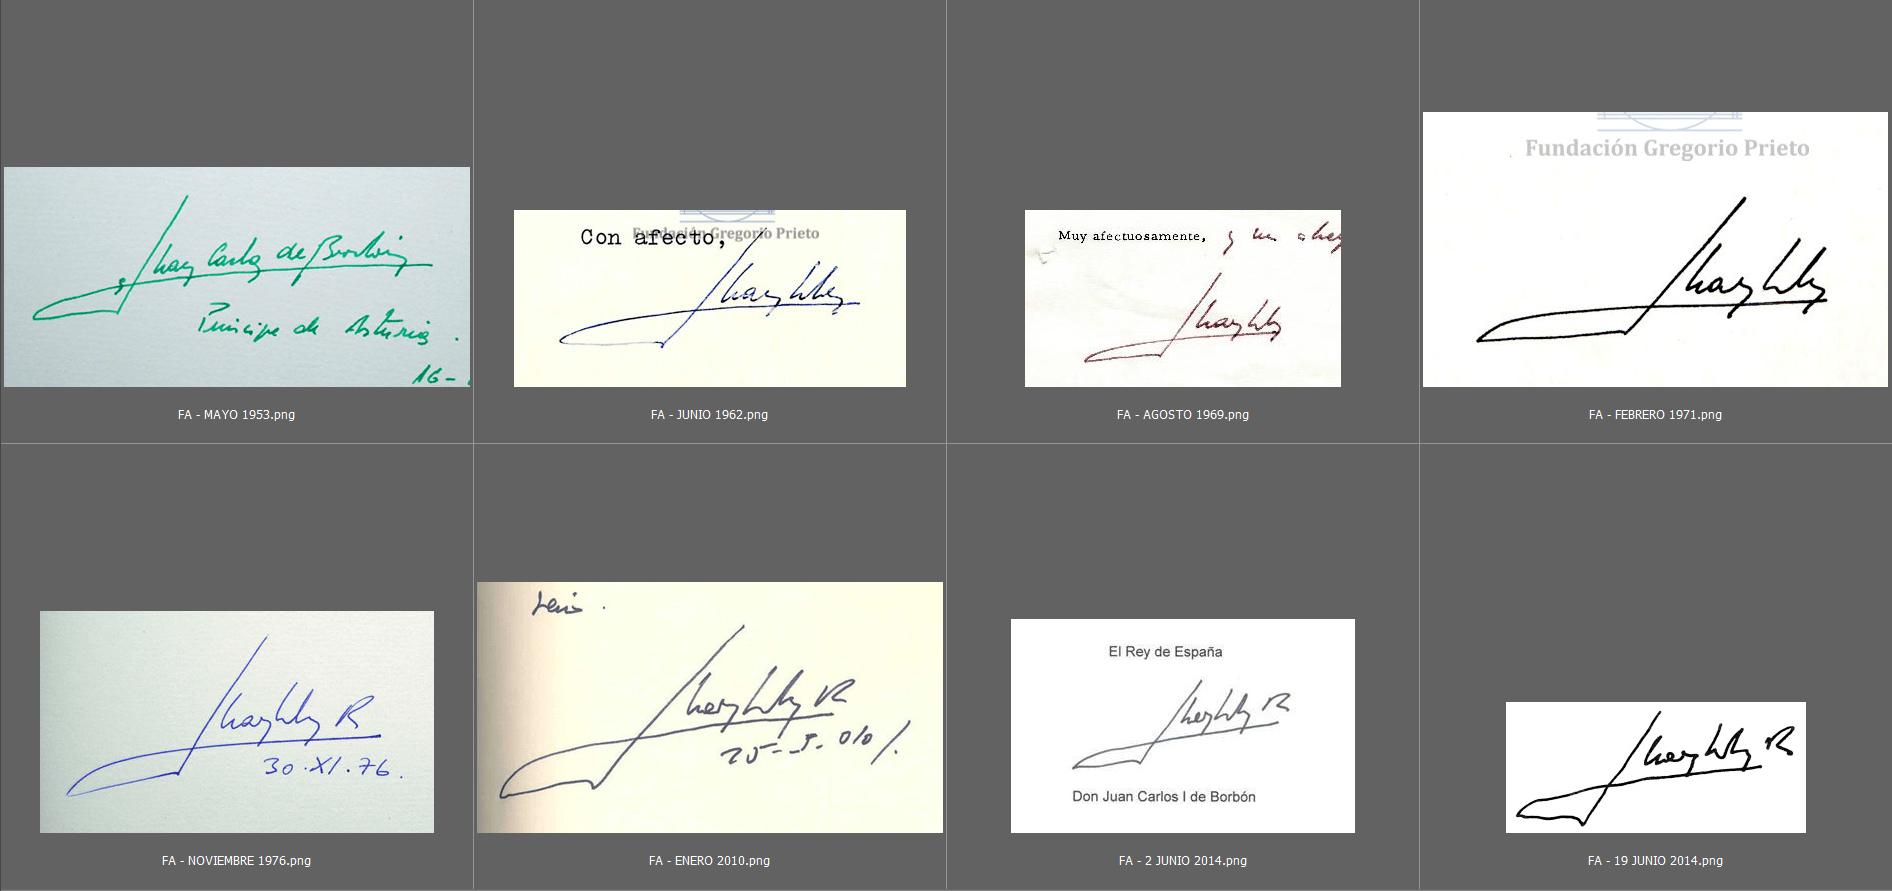 Estudio caligráfico de las firmas de Don Juan Carlos 4